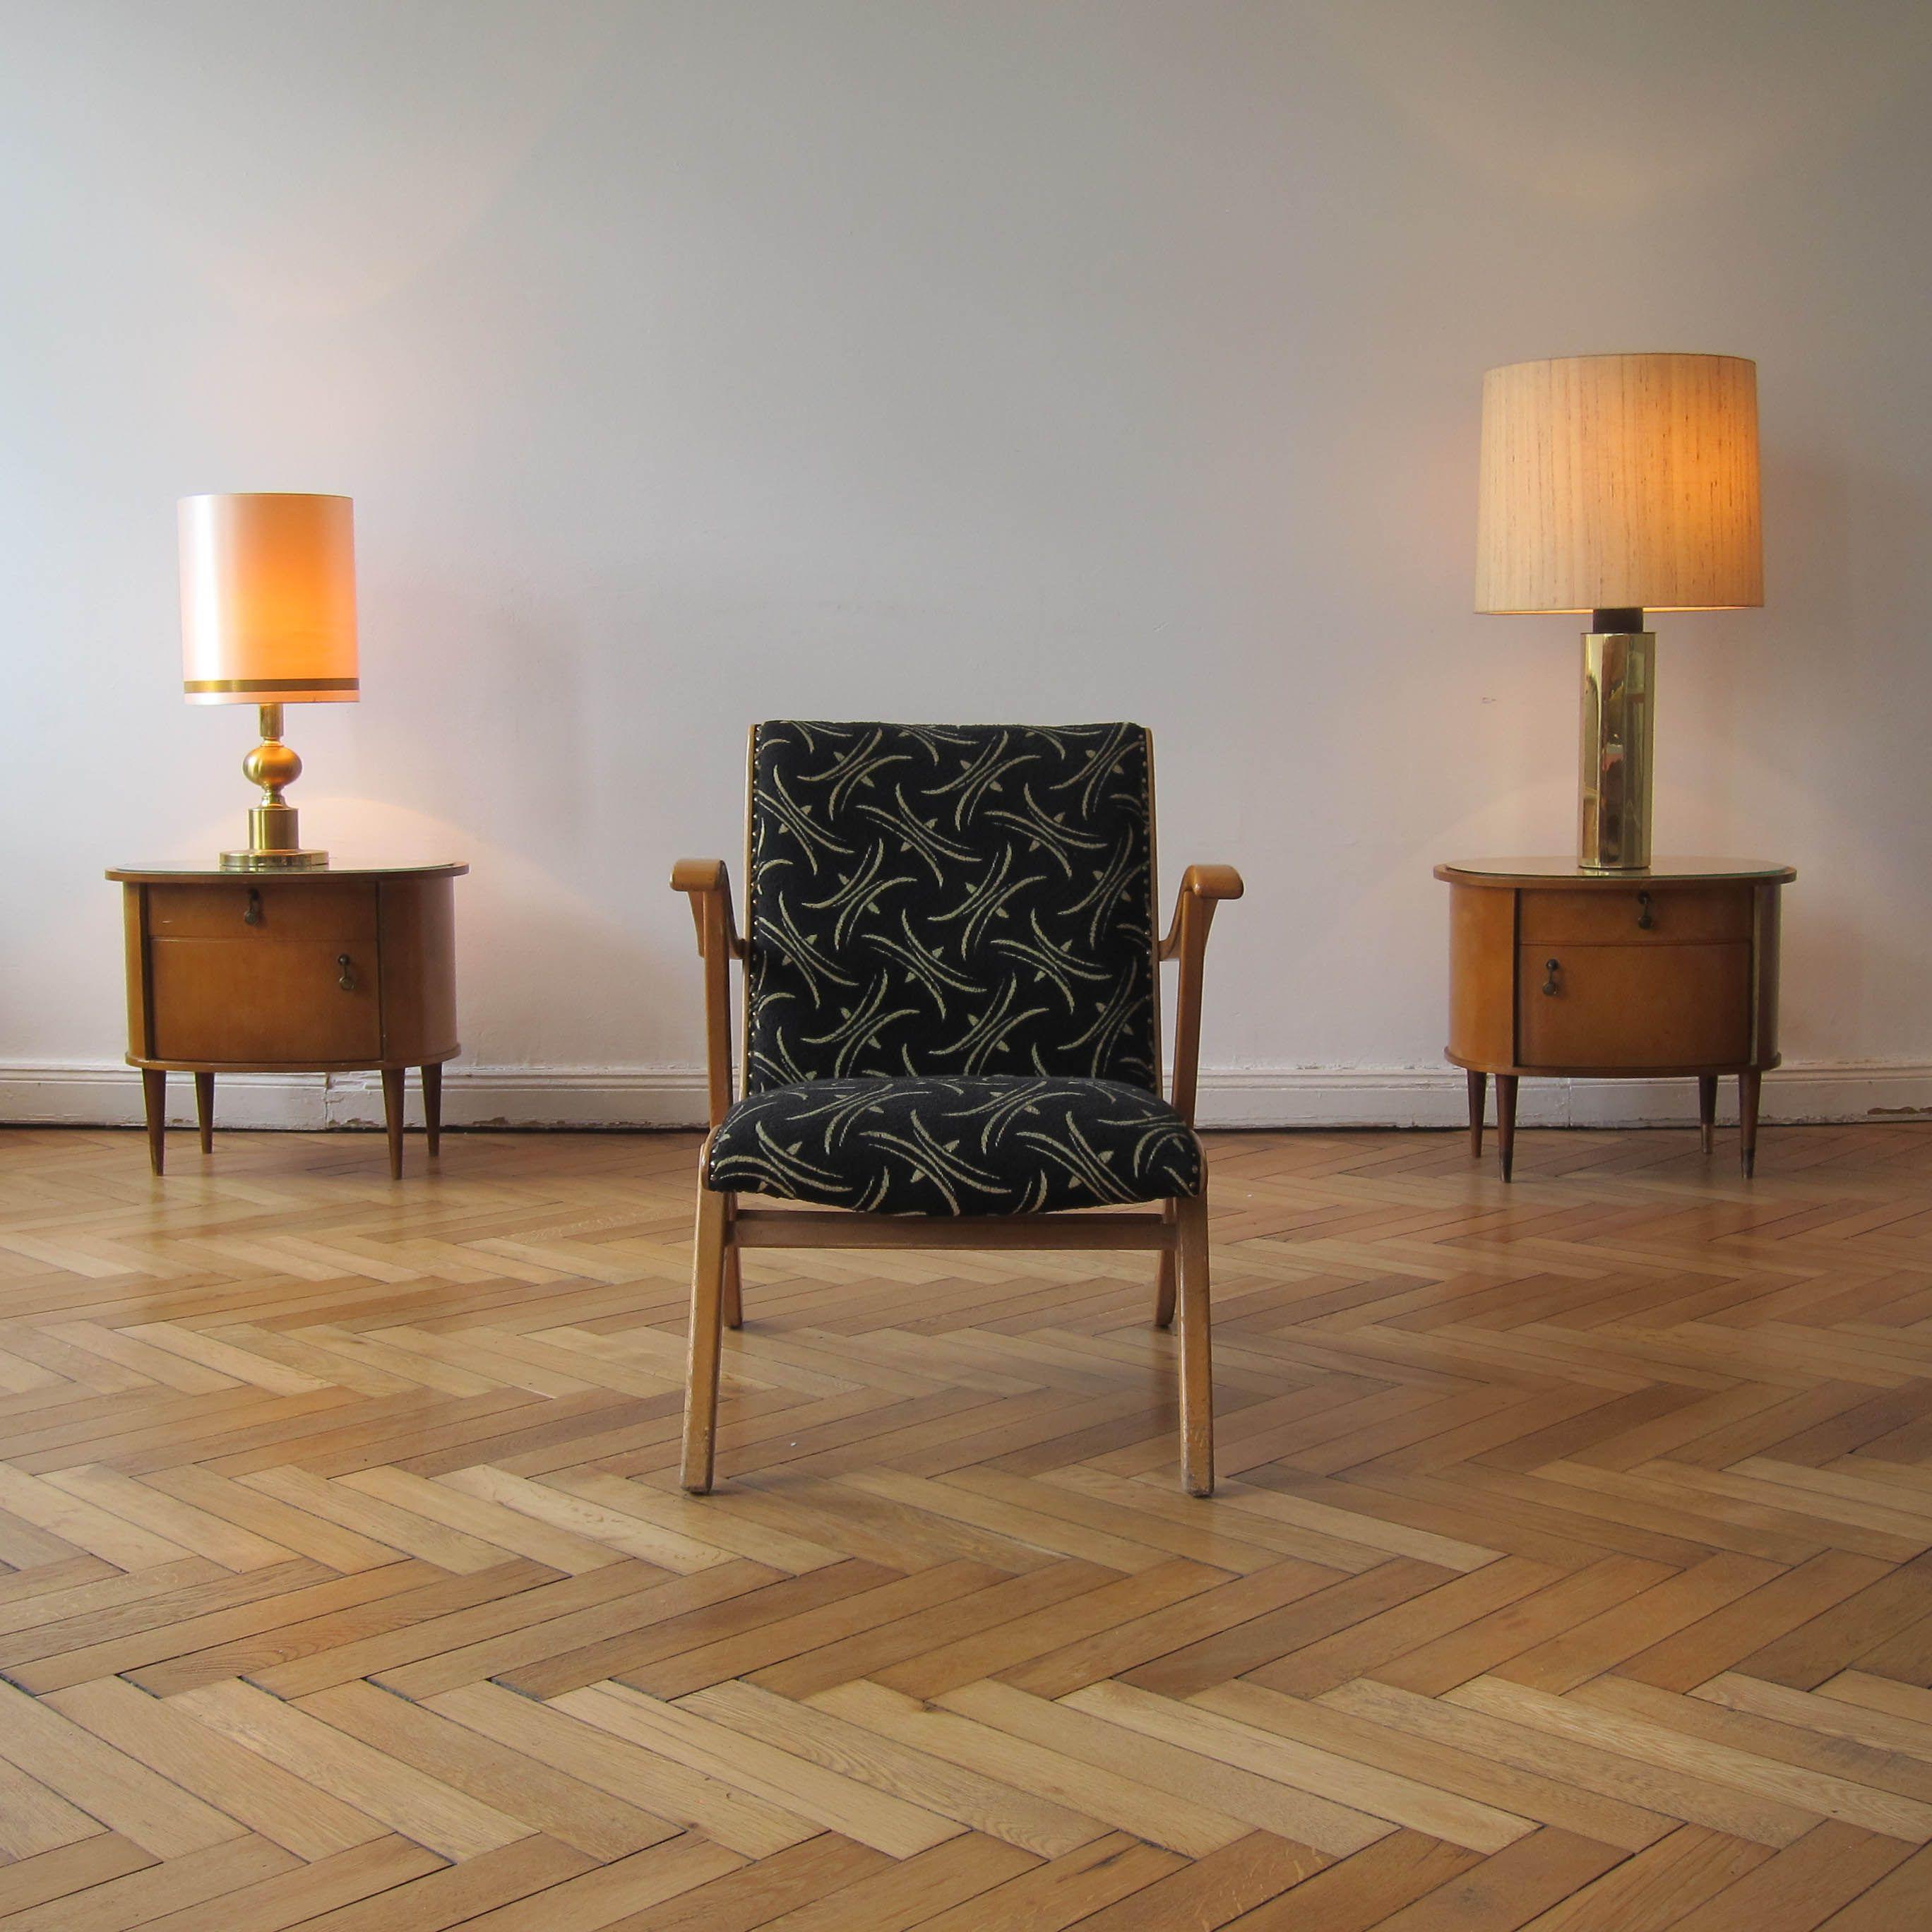 Www Mar Den Co Uk Berlinpopup 1950s Bedside Tables 1970s Gold Table Lamps 1950s Armchair Parquet Floor Vintage Furniture Furniture Gold Table Lamp